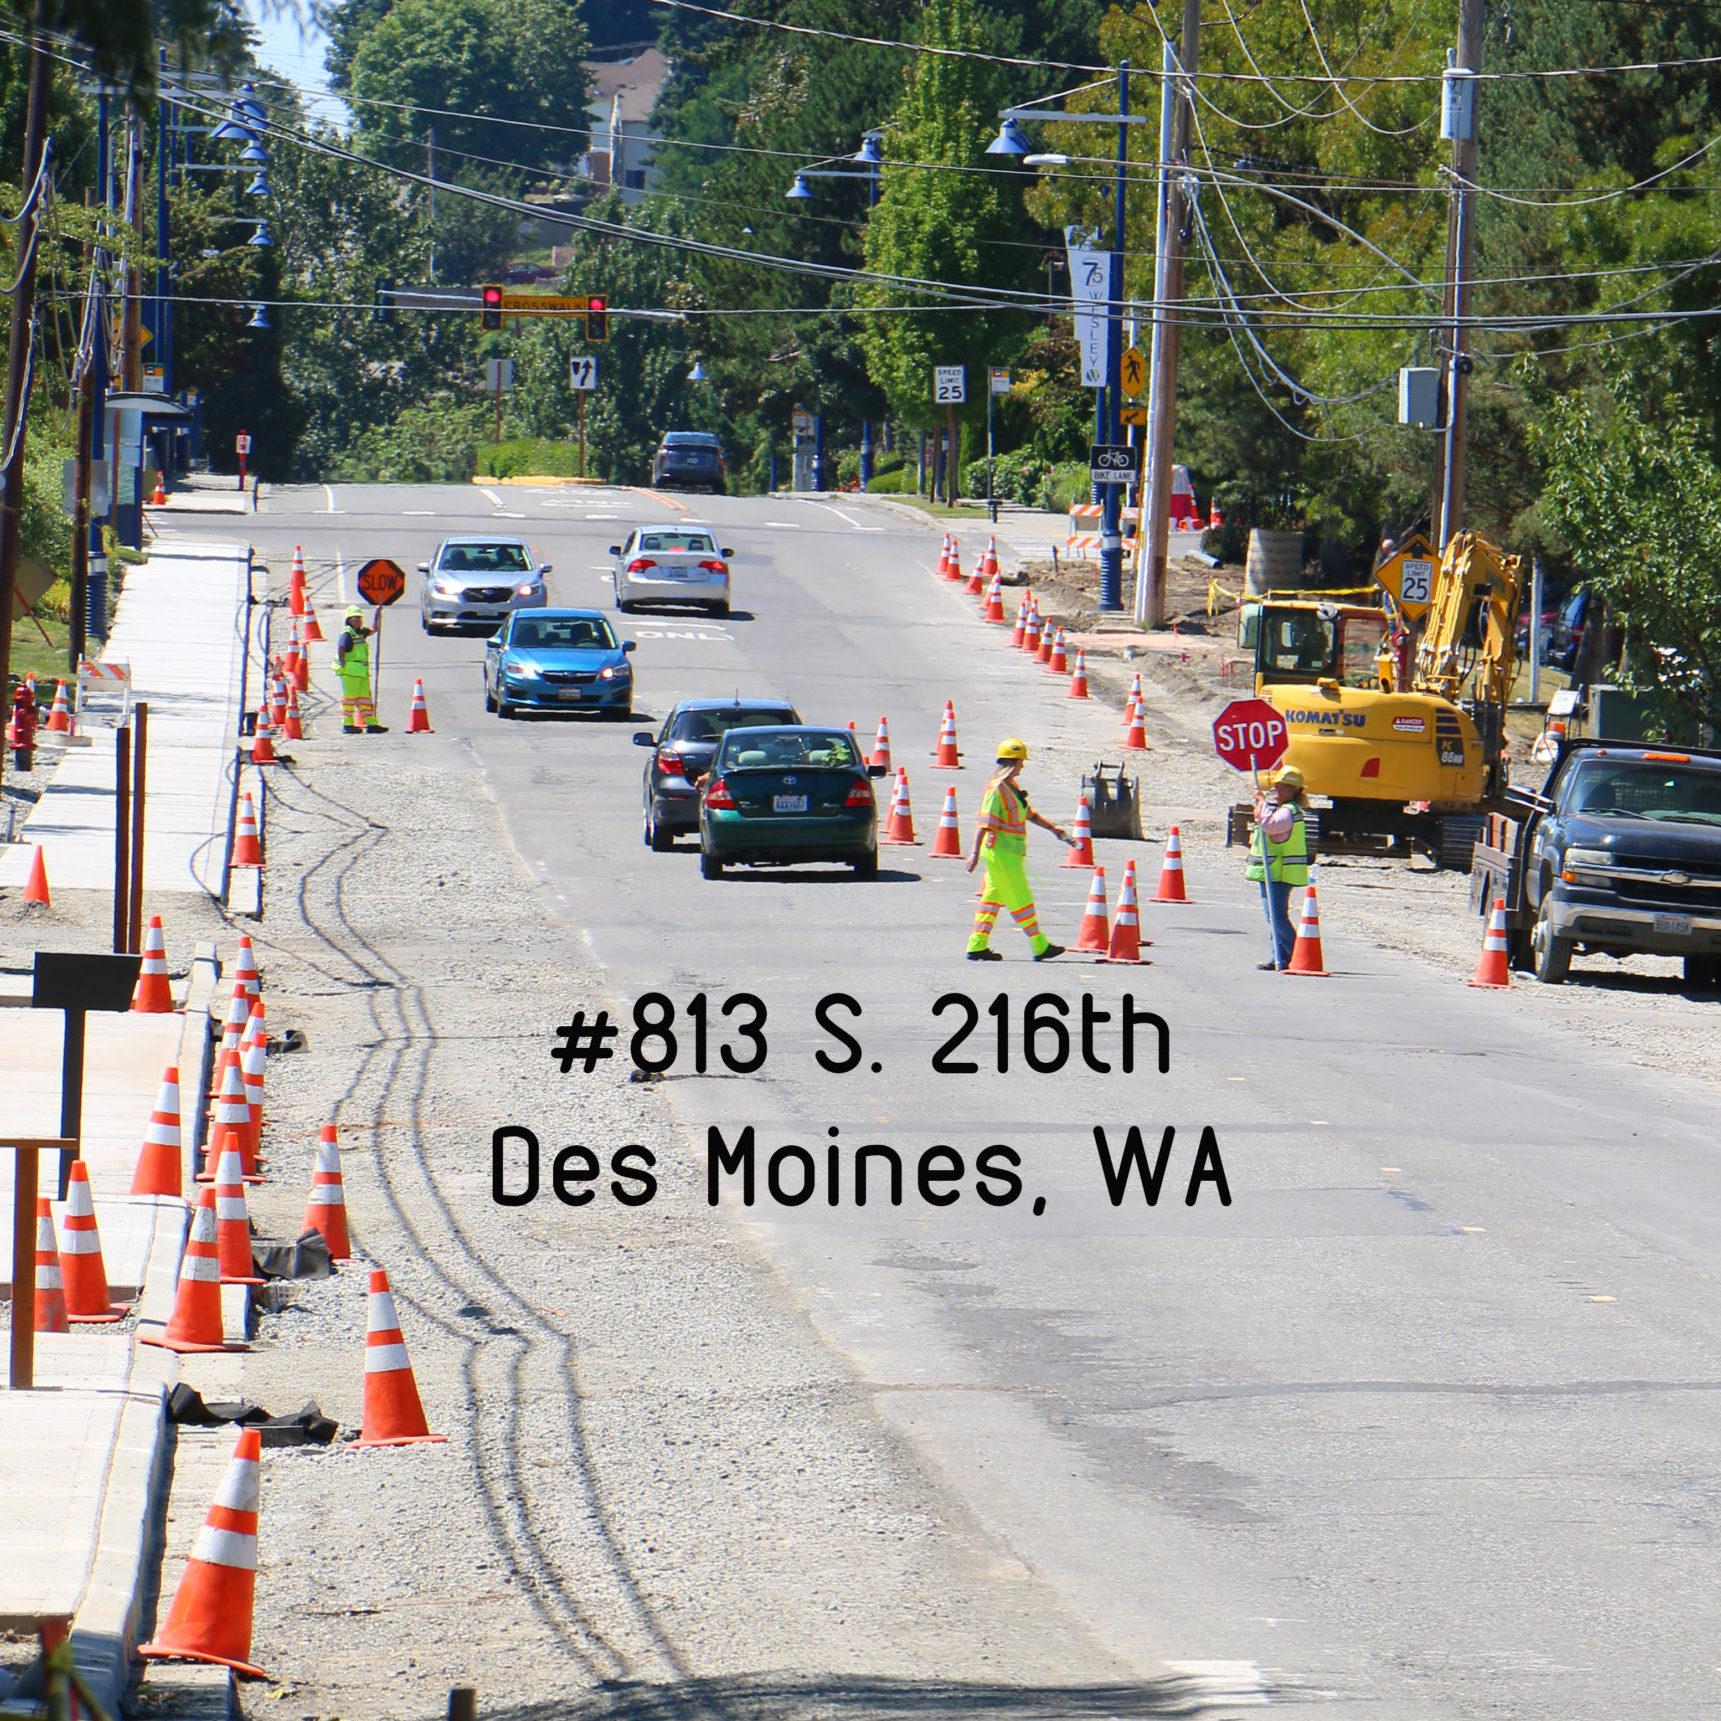 #813- City of Des Moines, S. 216th